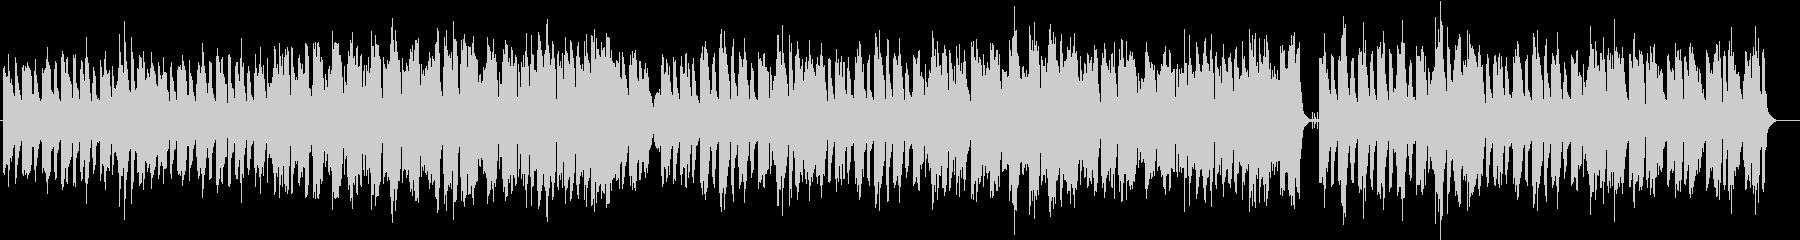 フルート、オーボエ、Pの爽やかなボサノバの未再生の波形